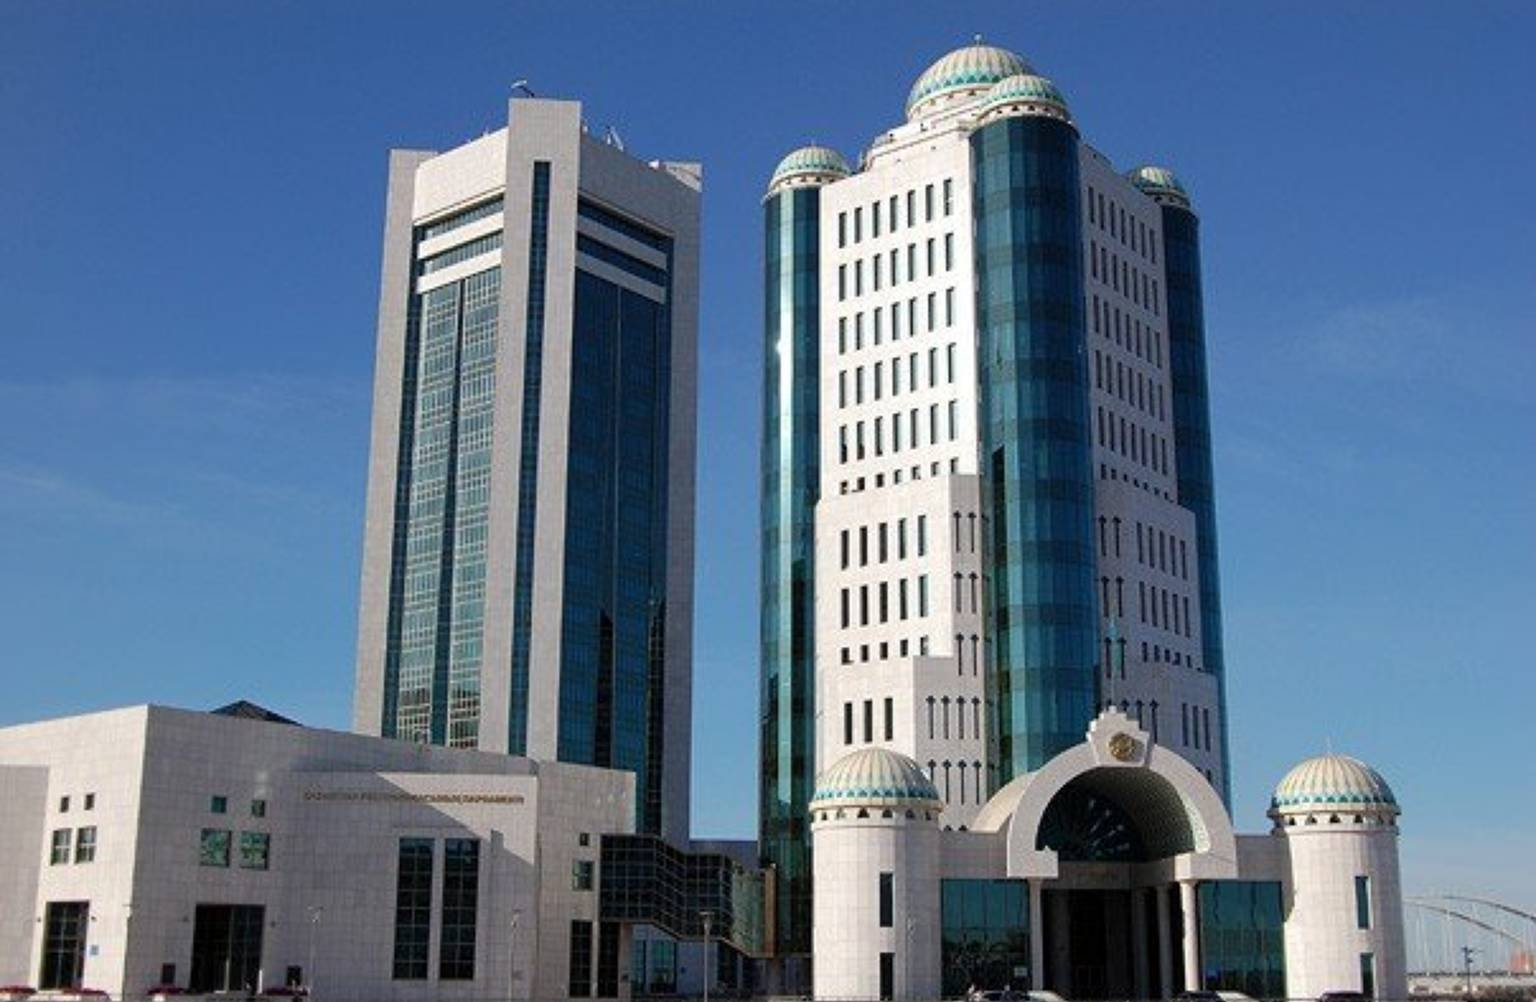 В Казахстане в избирательные бюллетени включены 46 кандидатов в сенат - ЦИК